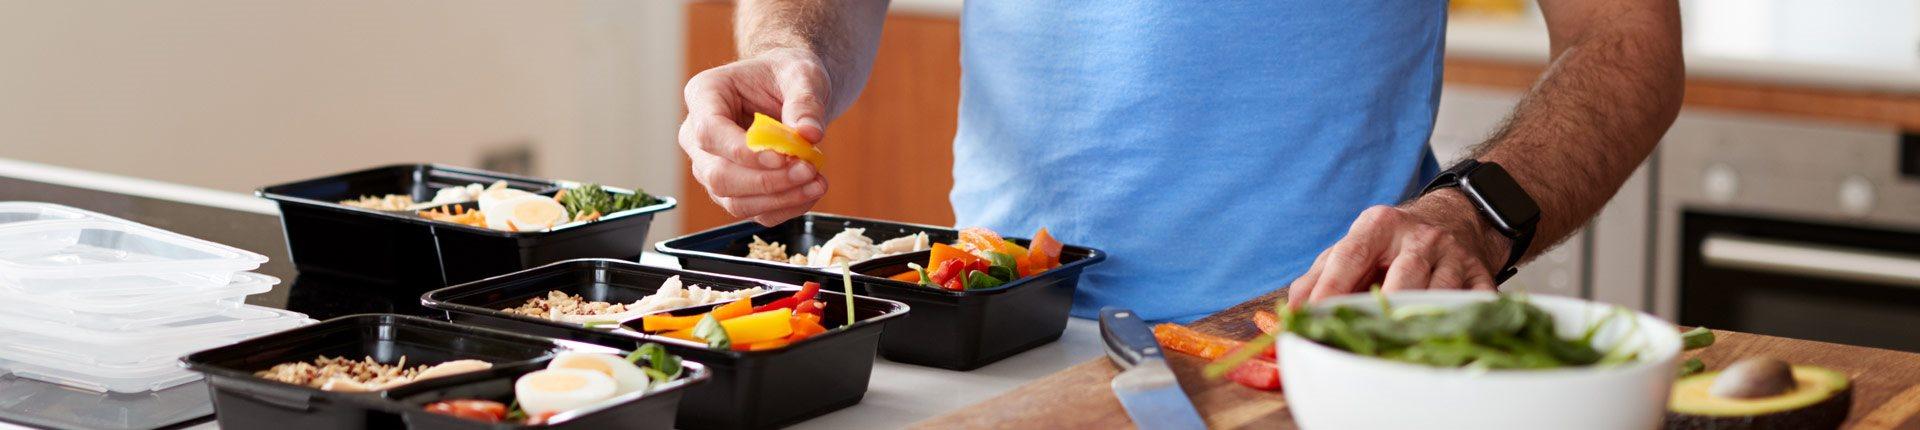 Dieta bez treningu - odchudzanie bez ćwiczeń czy to dobry pomysł?